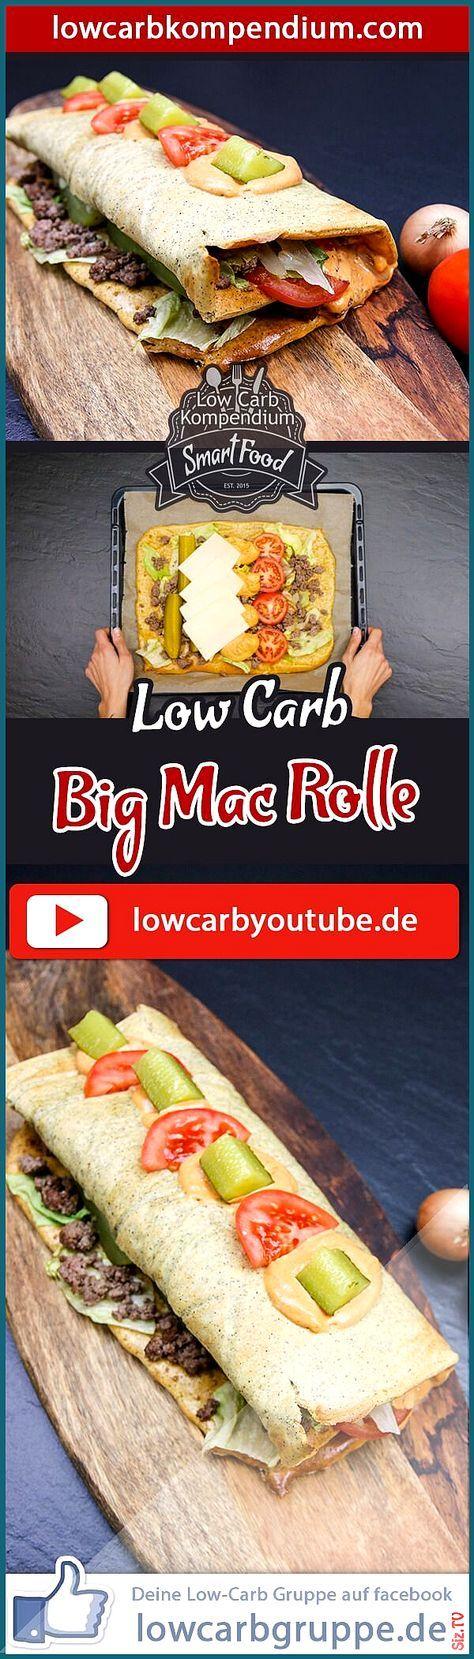 Big Mac Rolle Die Big Mac Rolle Low-Carb ist ein sehr pfiffiges und au ergew hnliches Low-Carb Rezep...